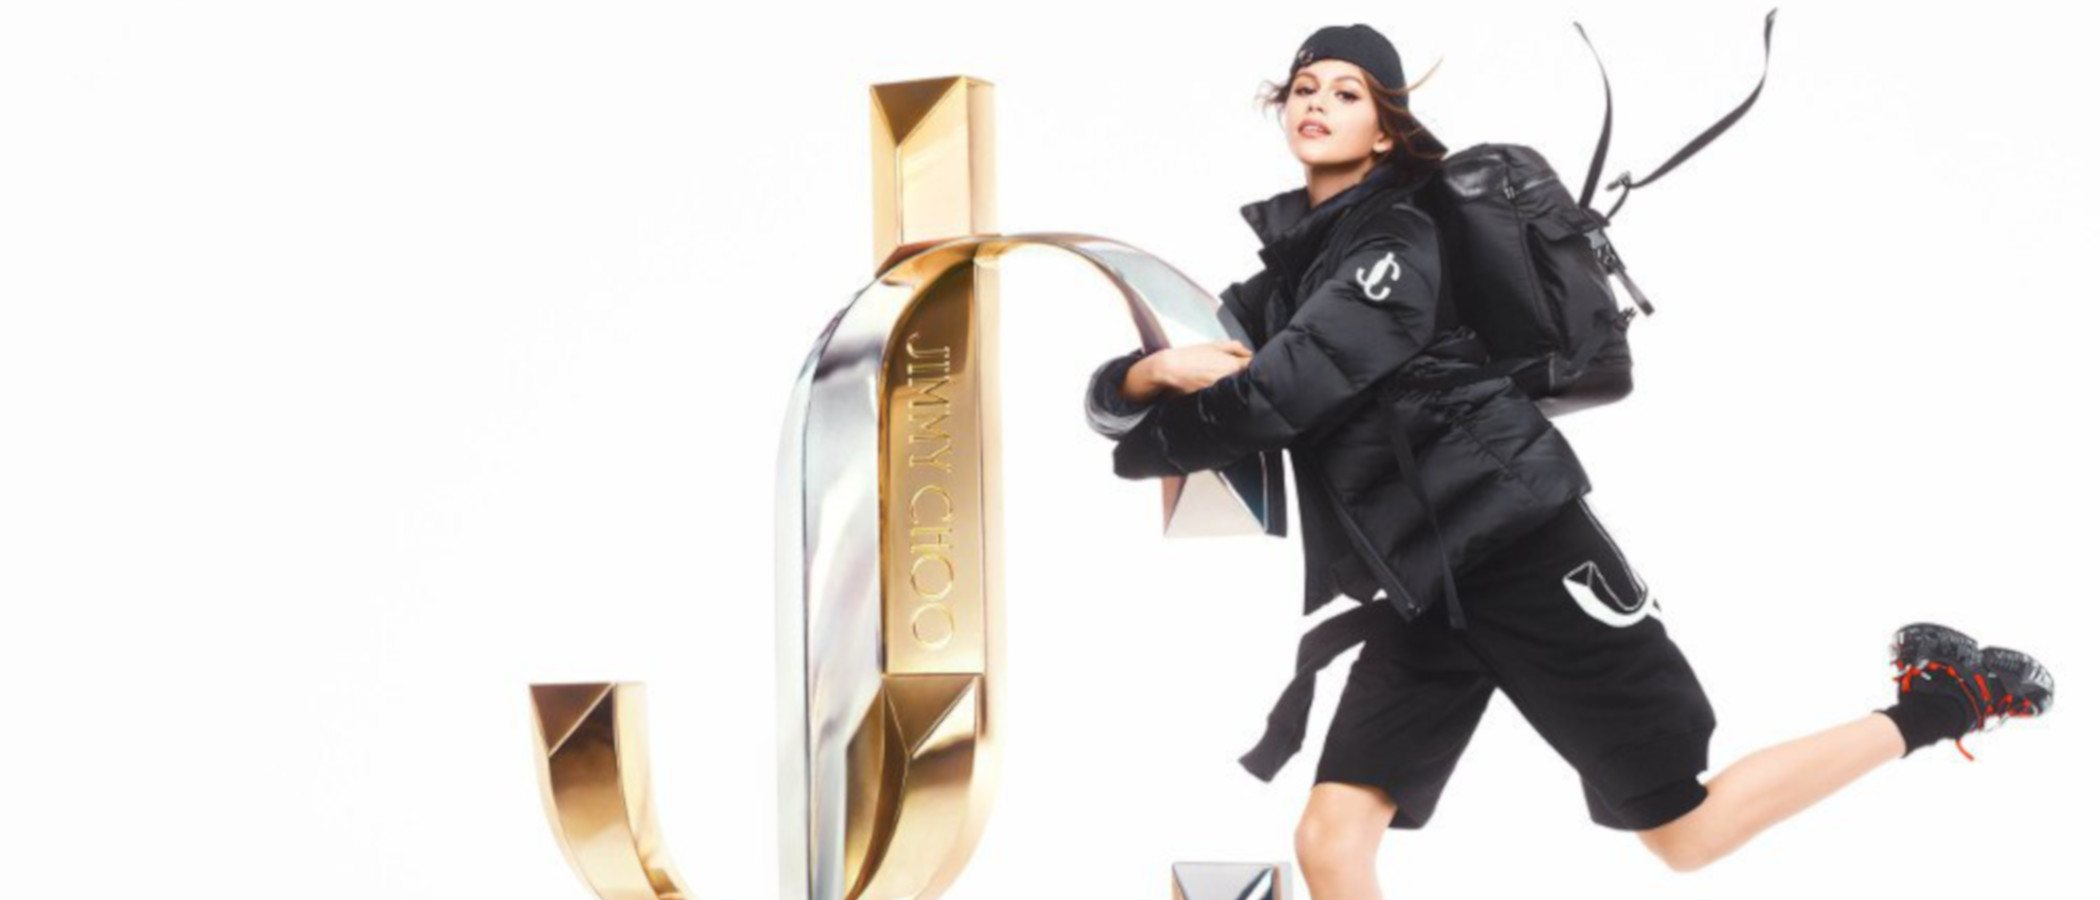 Kaia Gerber repite como musa de Jimmy Choo y presenta su nuevo logo